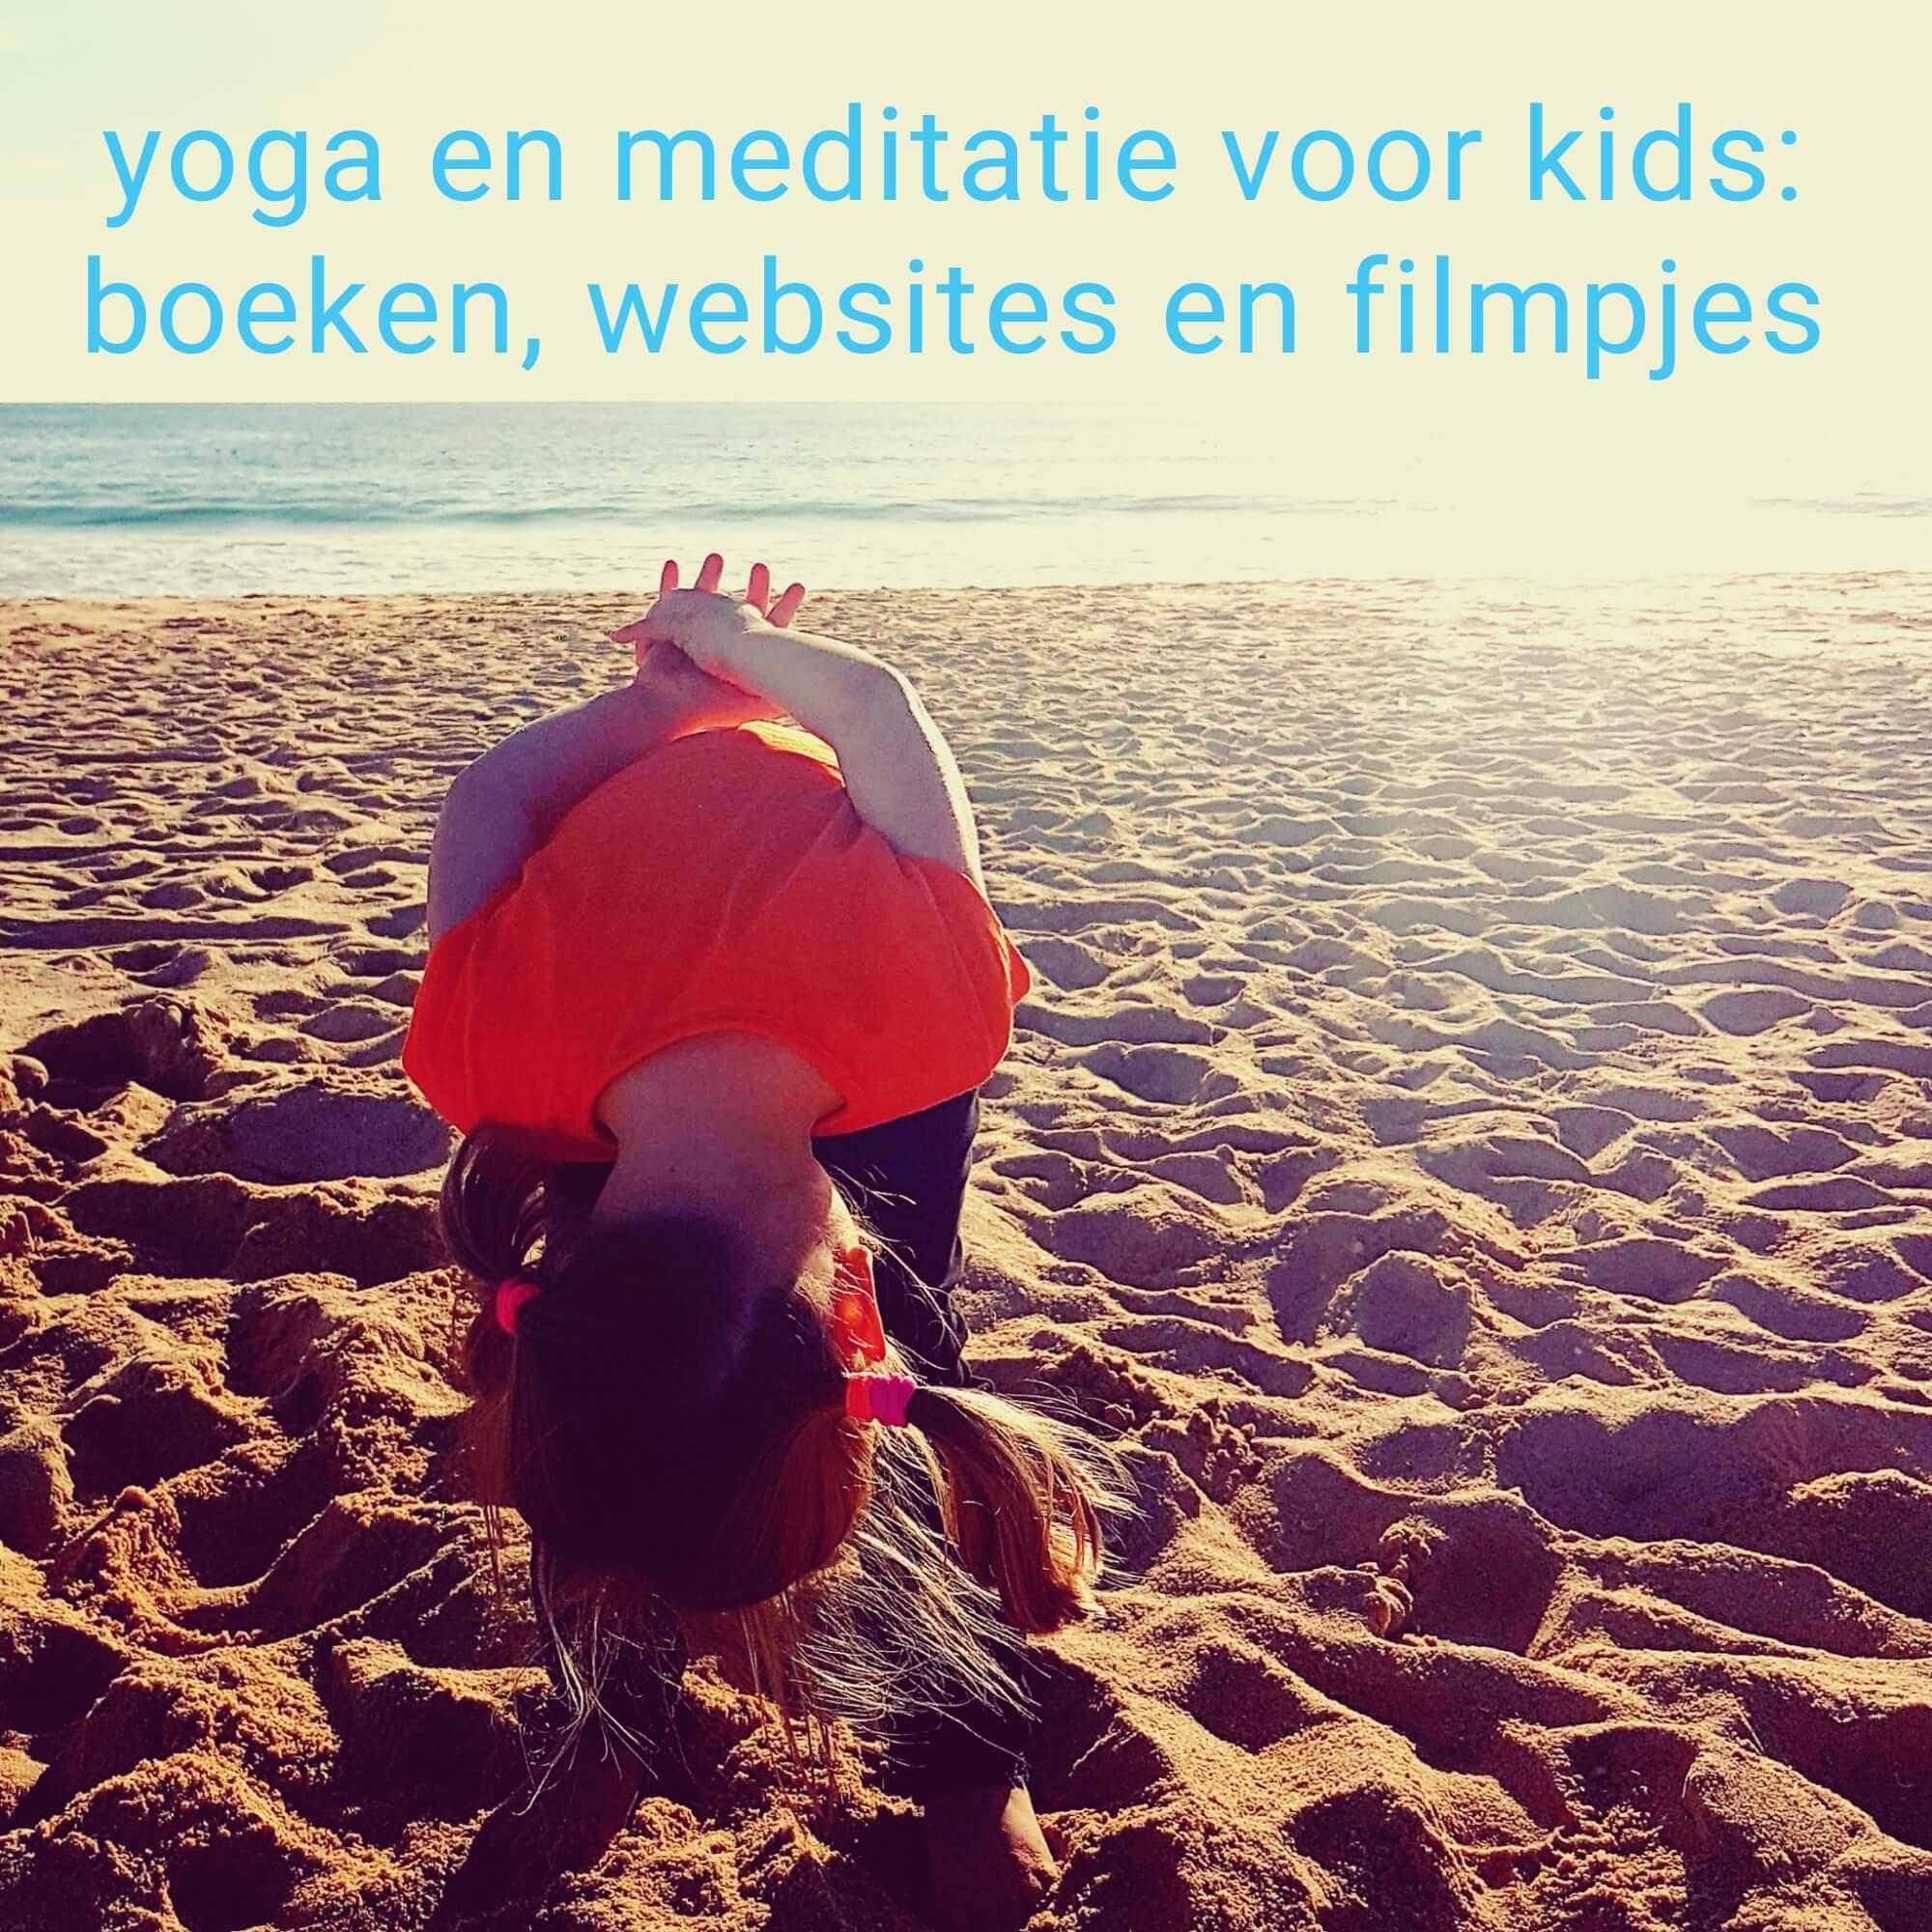 Yoga en meditatie voor kids: de leukste boeken, websites en youtube filmpjes voor kinderen